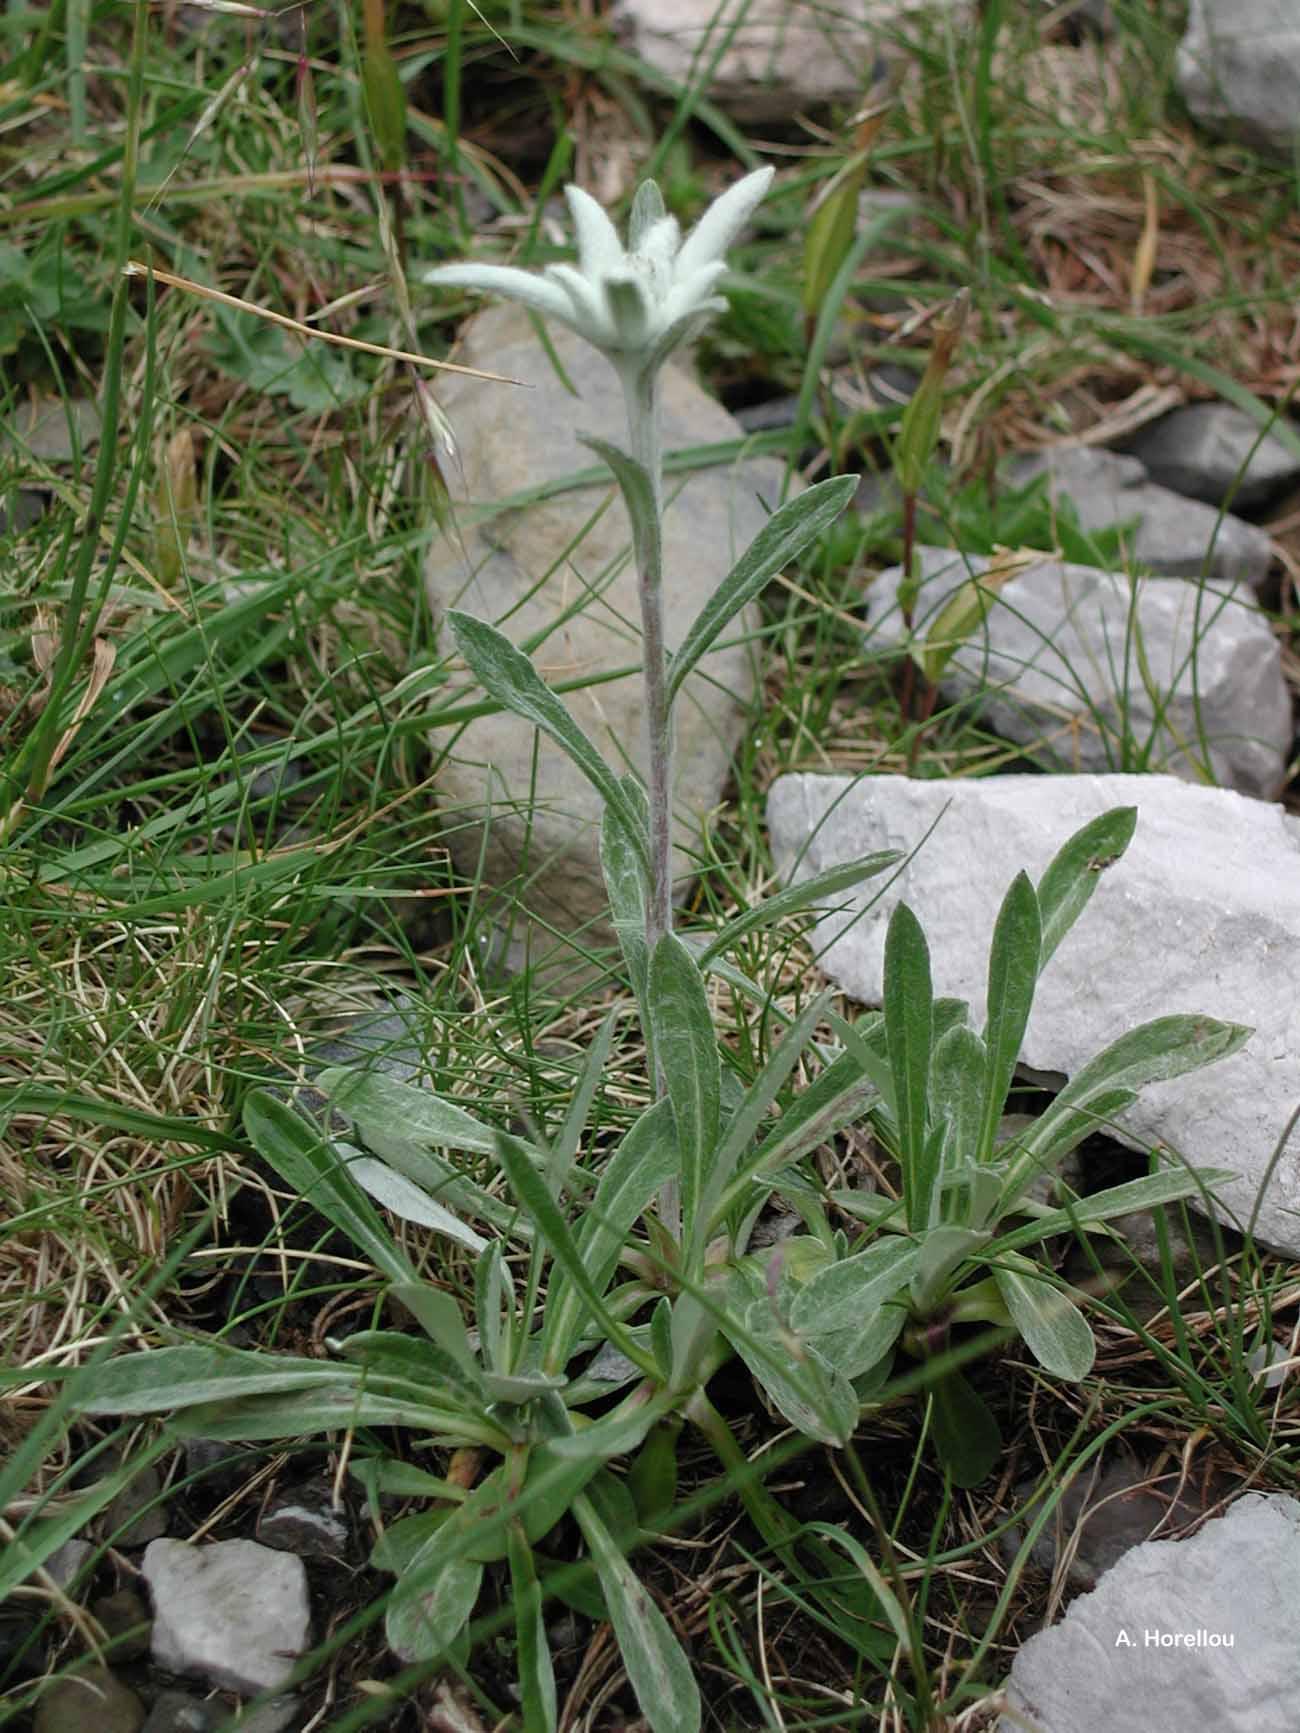 Leontopodium nivale